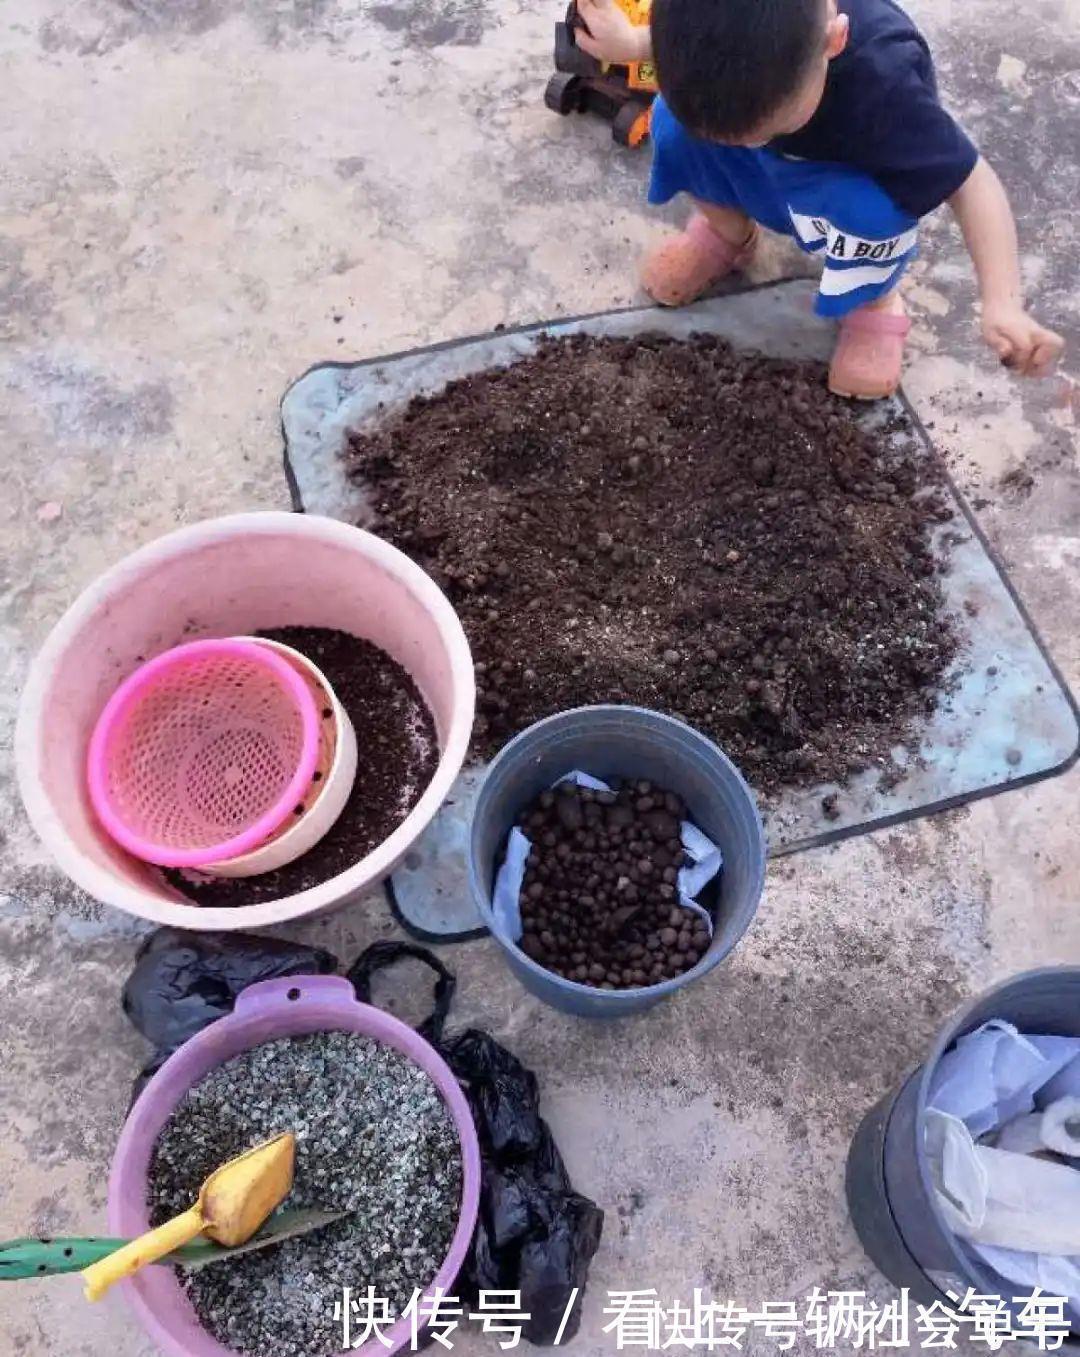 养花|养花技巧:花盆里出现这个,抓紧换盆,不然一浇水就死翘翘